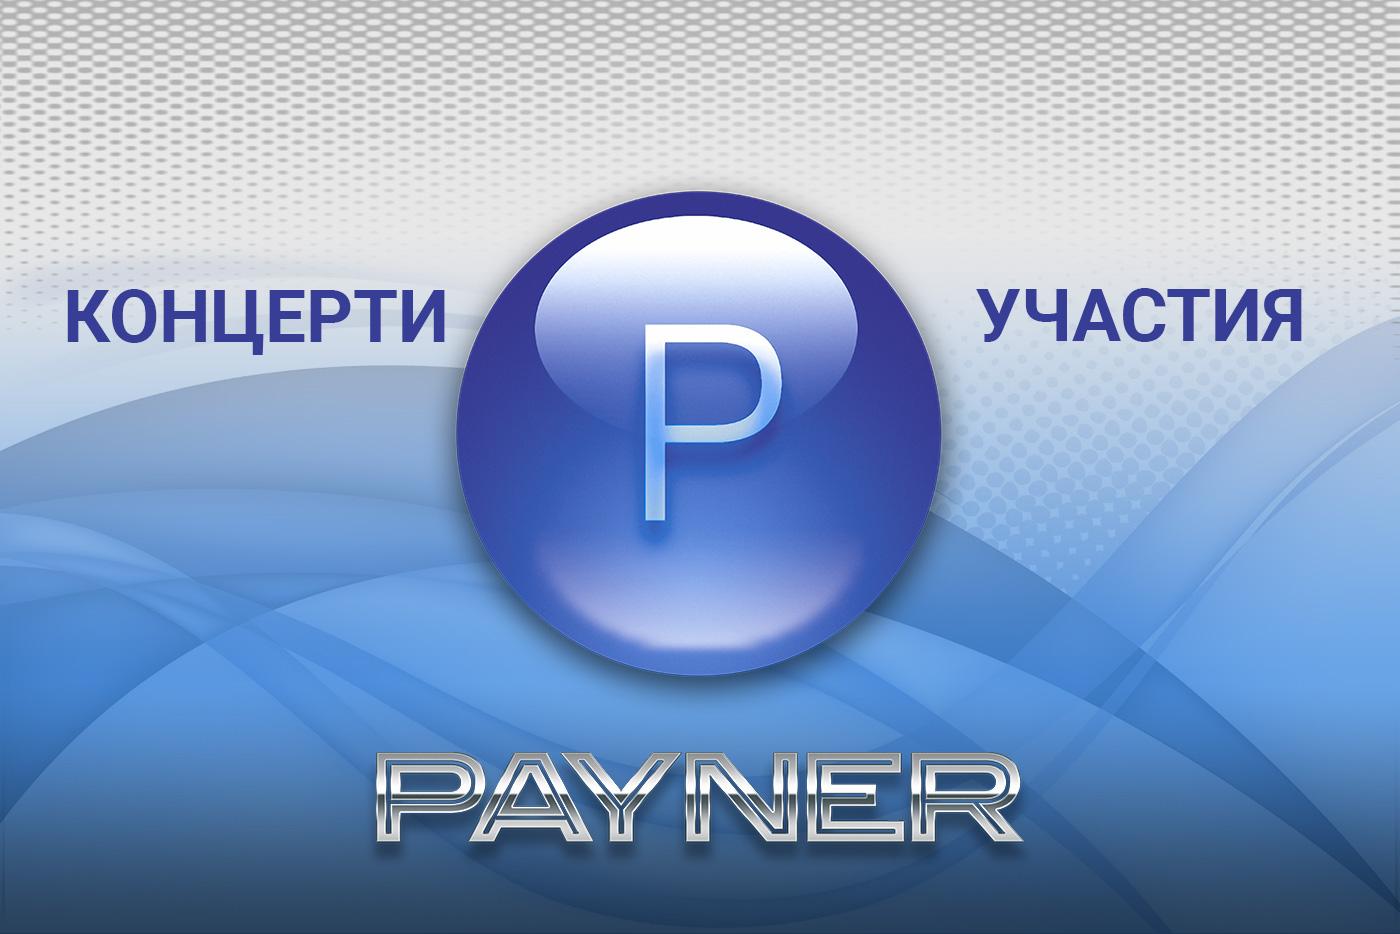 """Участия на звездите на """"Пайнер"""" на 16.12.2019"""